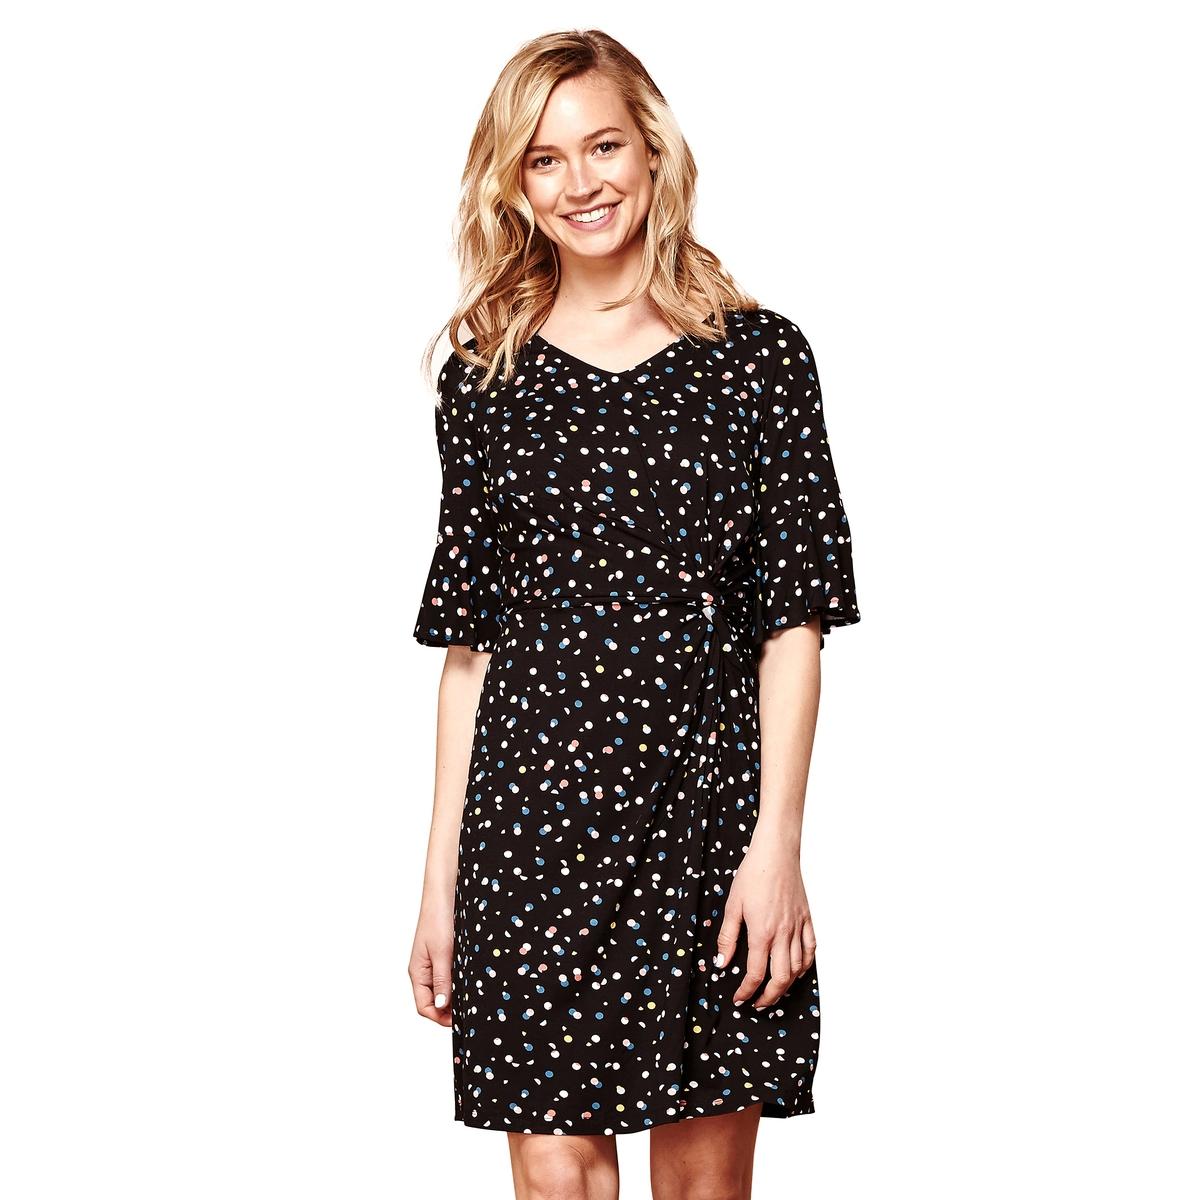 Платье прямое короткое с короткими рукавами и рисунком в горошек платье yumi yumi платье